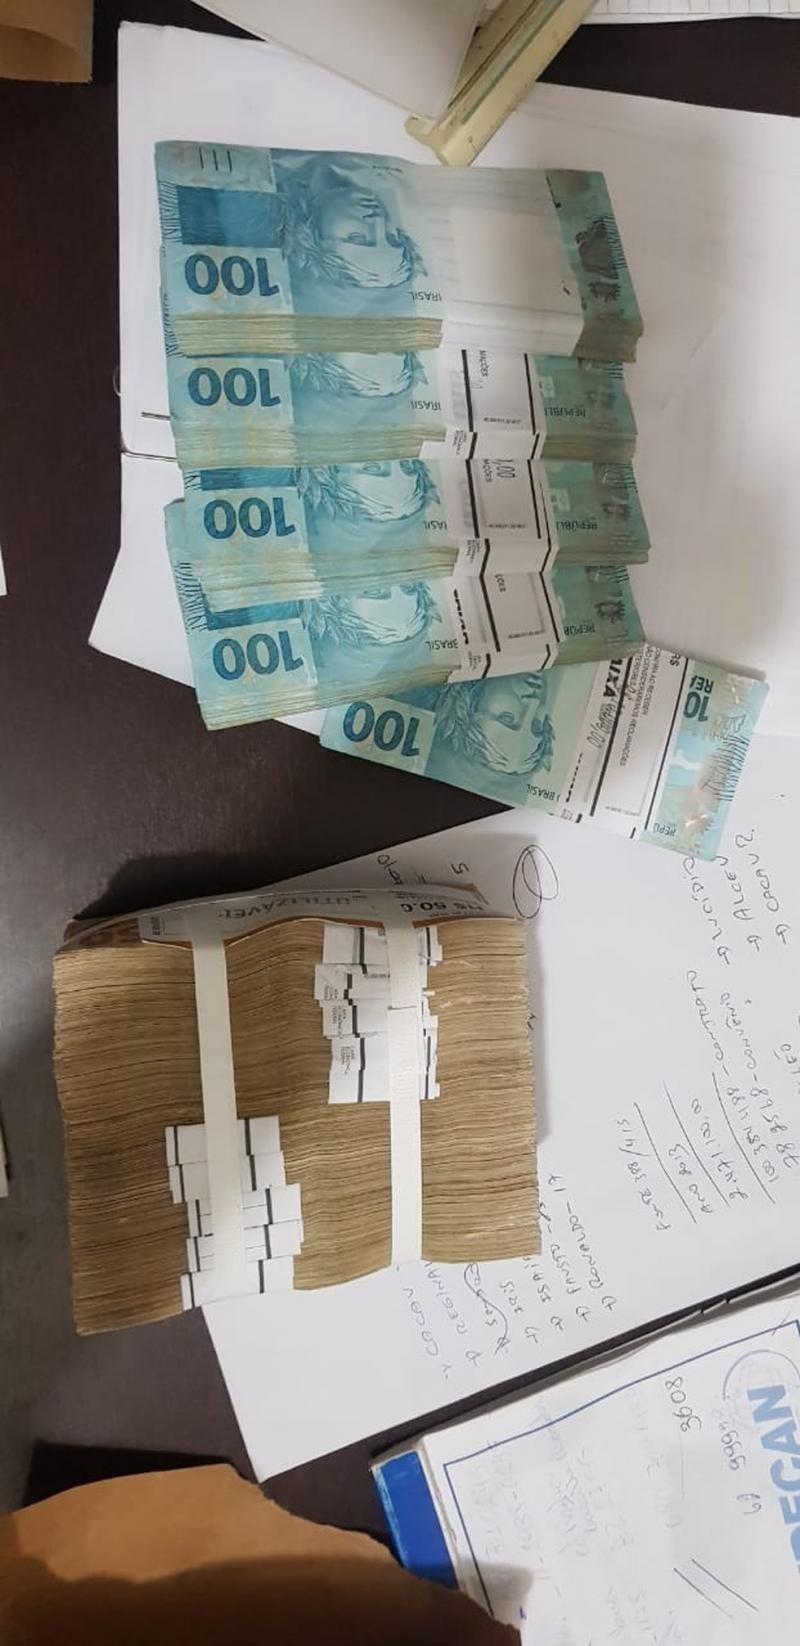 Vídeo mostra prefeitos de RO recebendo dinheiro de propina; Polícia apreende dinheiro e joias nas casas dos prefeitos; Veja imagens